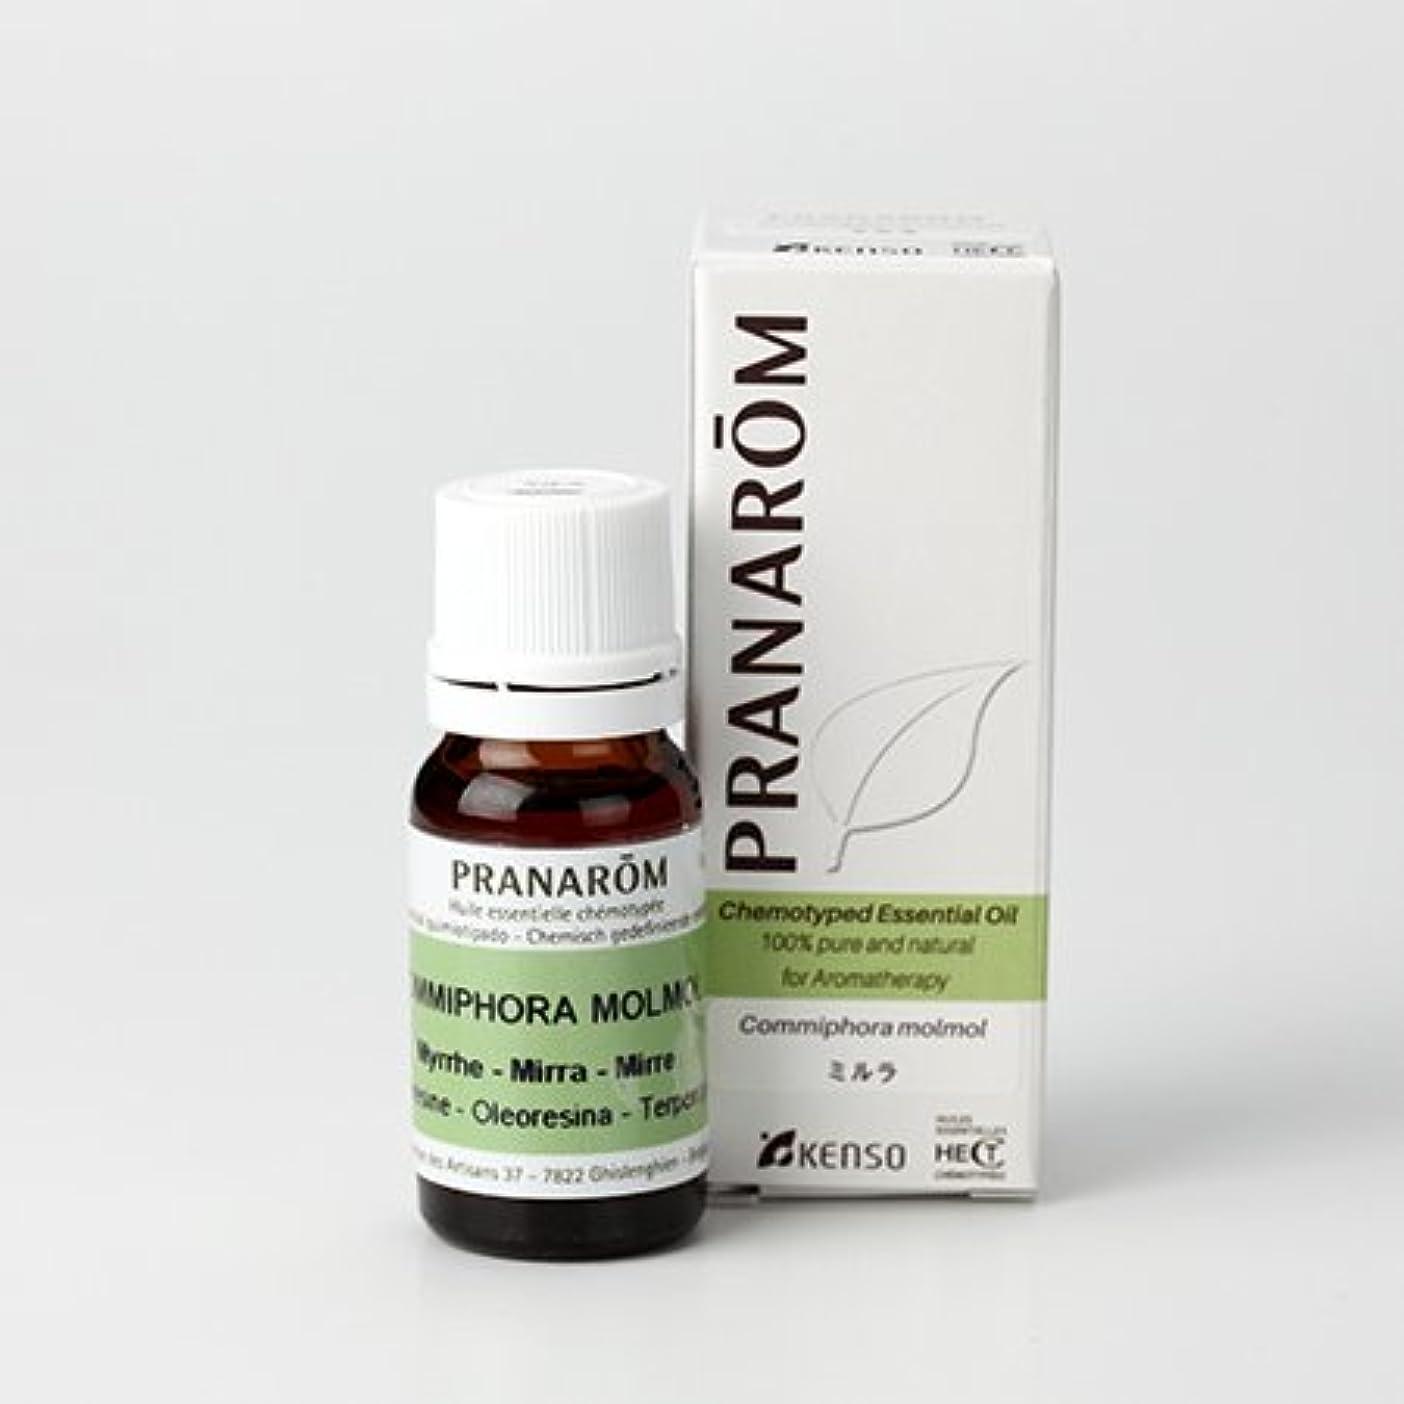 聞きます皮割り当てる【ミルラ 10ml】→ムスクに似た深い香り?(樹脂系)[PRANAROM(プラナロム)精油/アロマオイル/エッセンシャルオイル]P-48